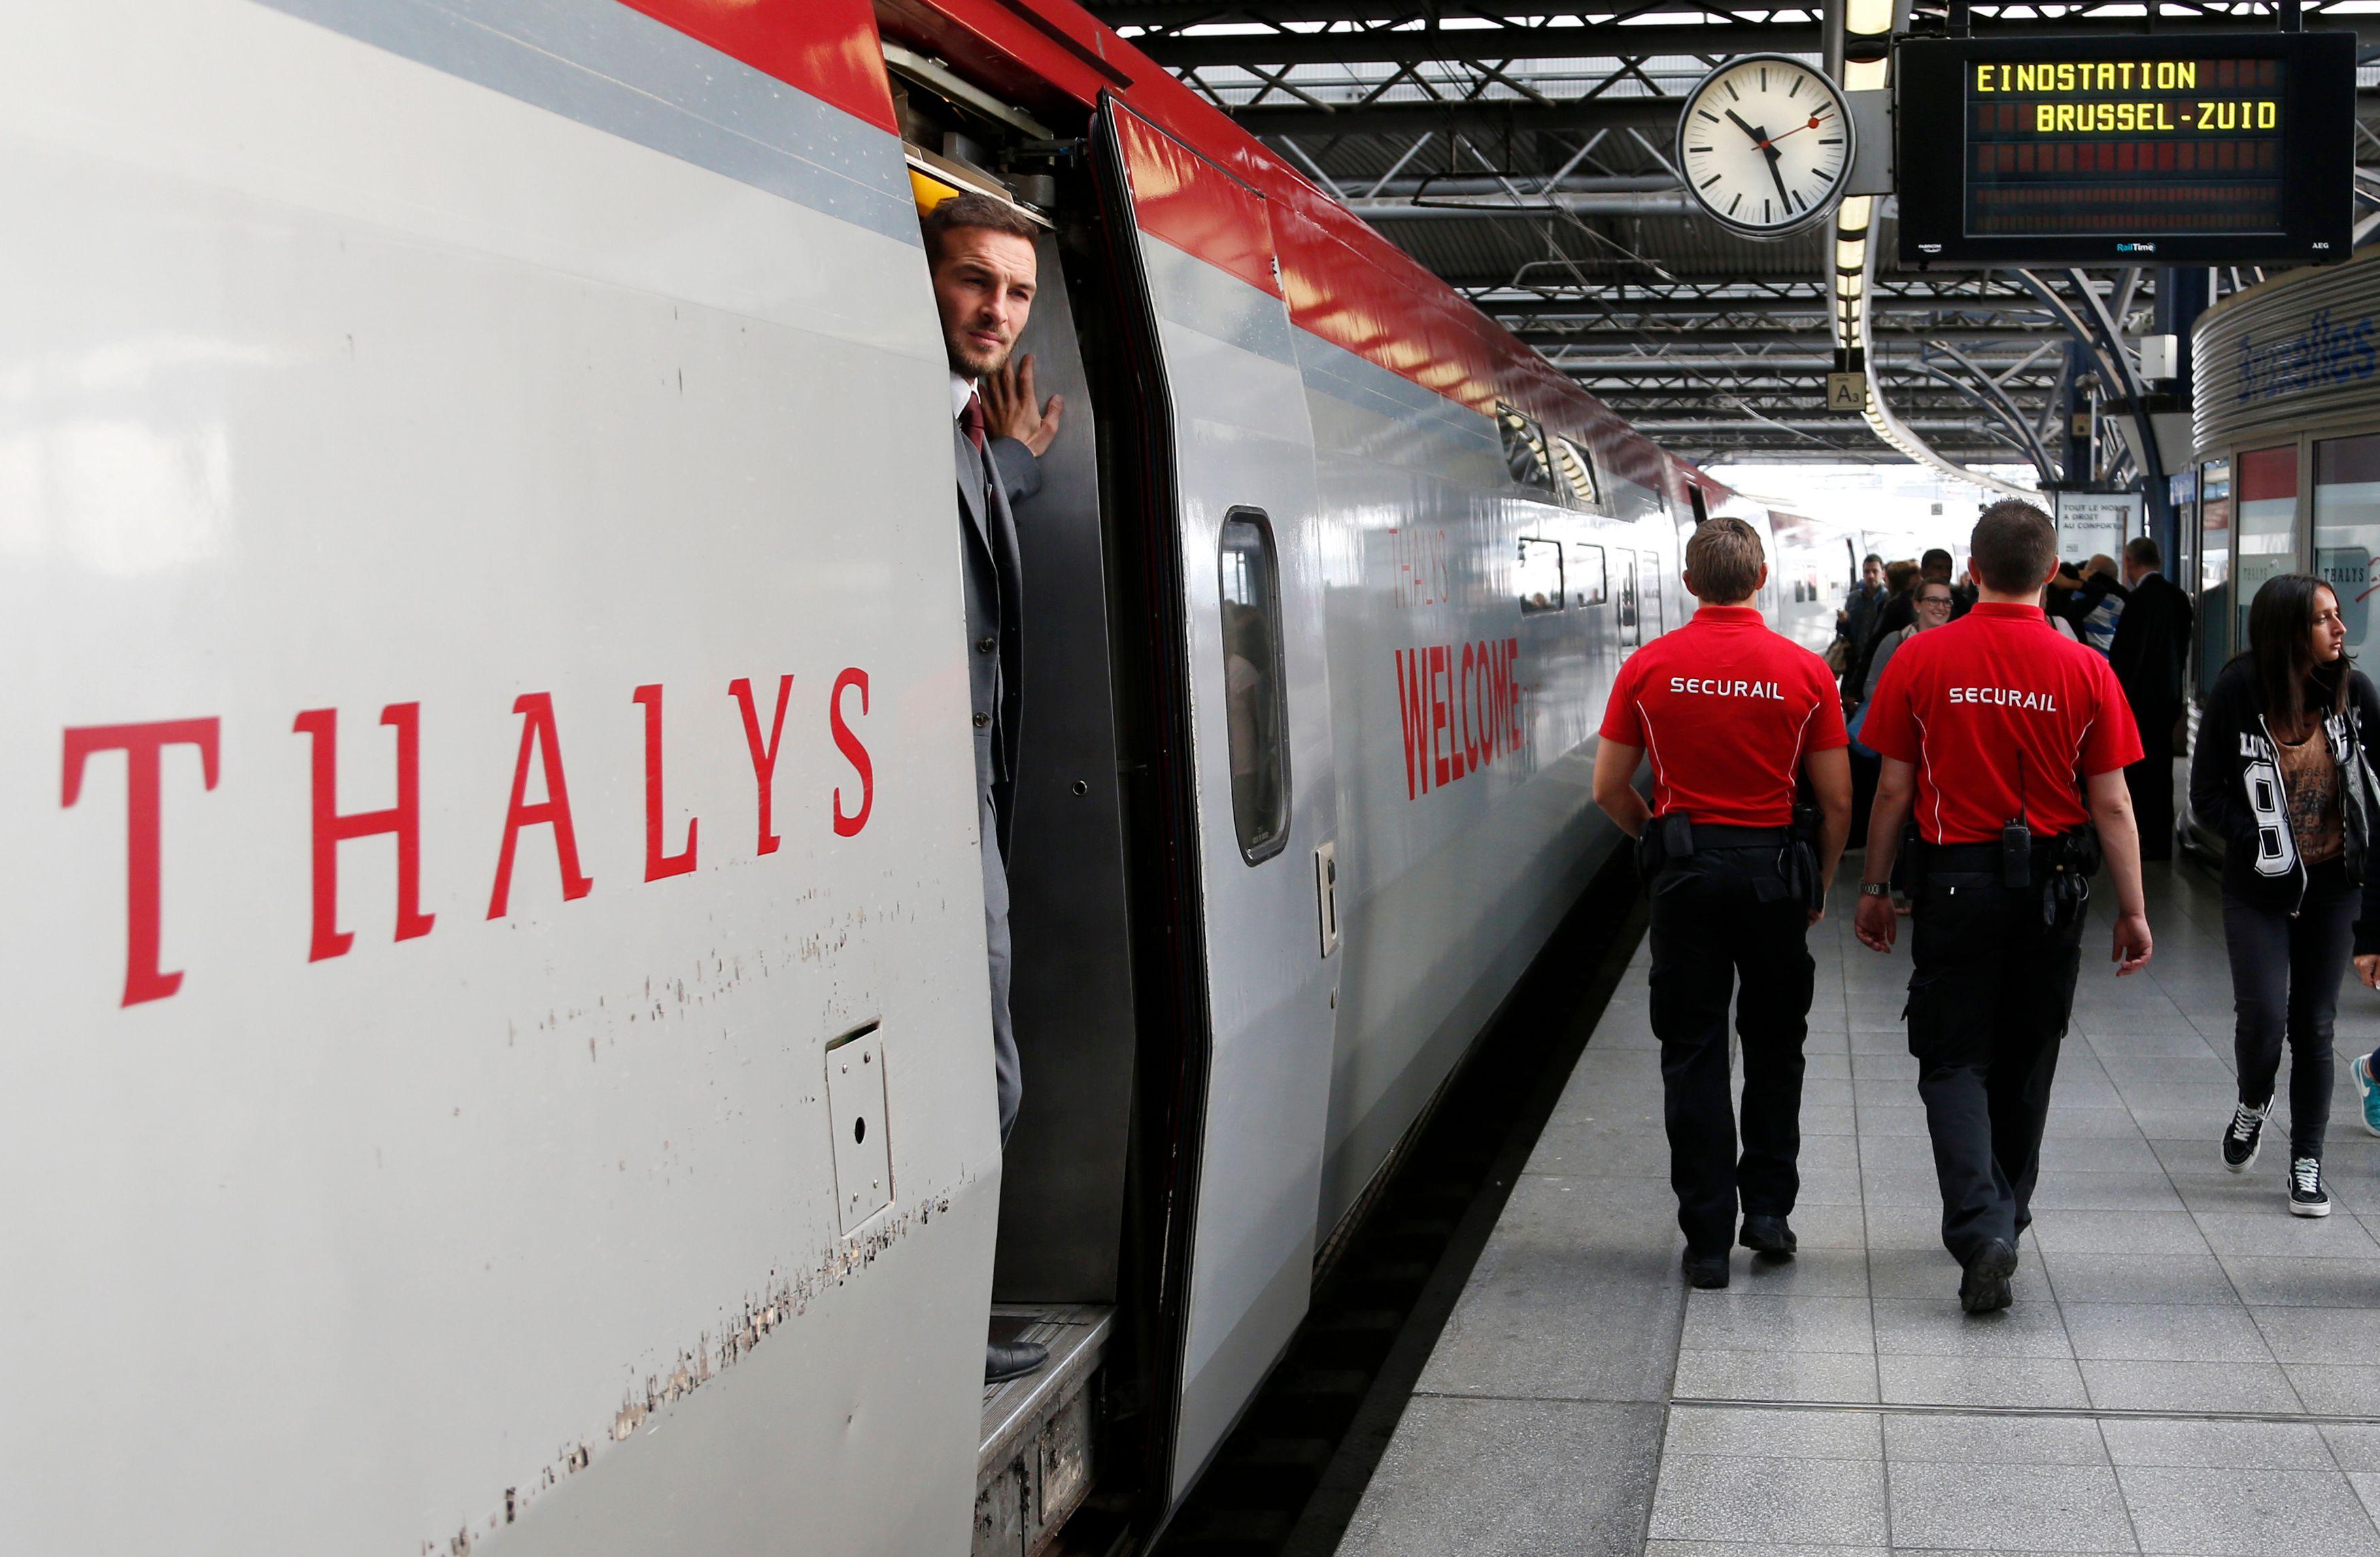 SNCF : bientôt des patrouilleurs en civil armés dans certains trains